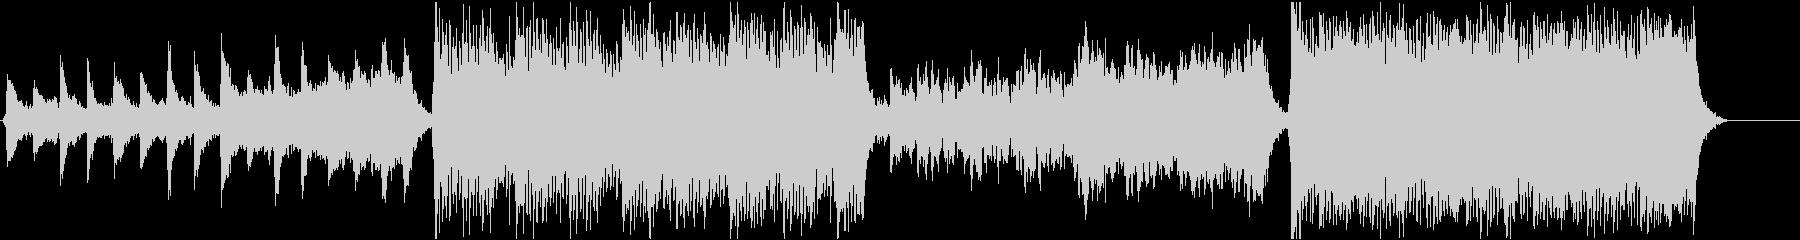 パワフルなパーカッションピアノとオーケスの未再生の波形